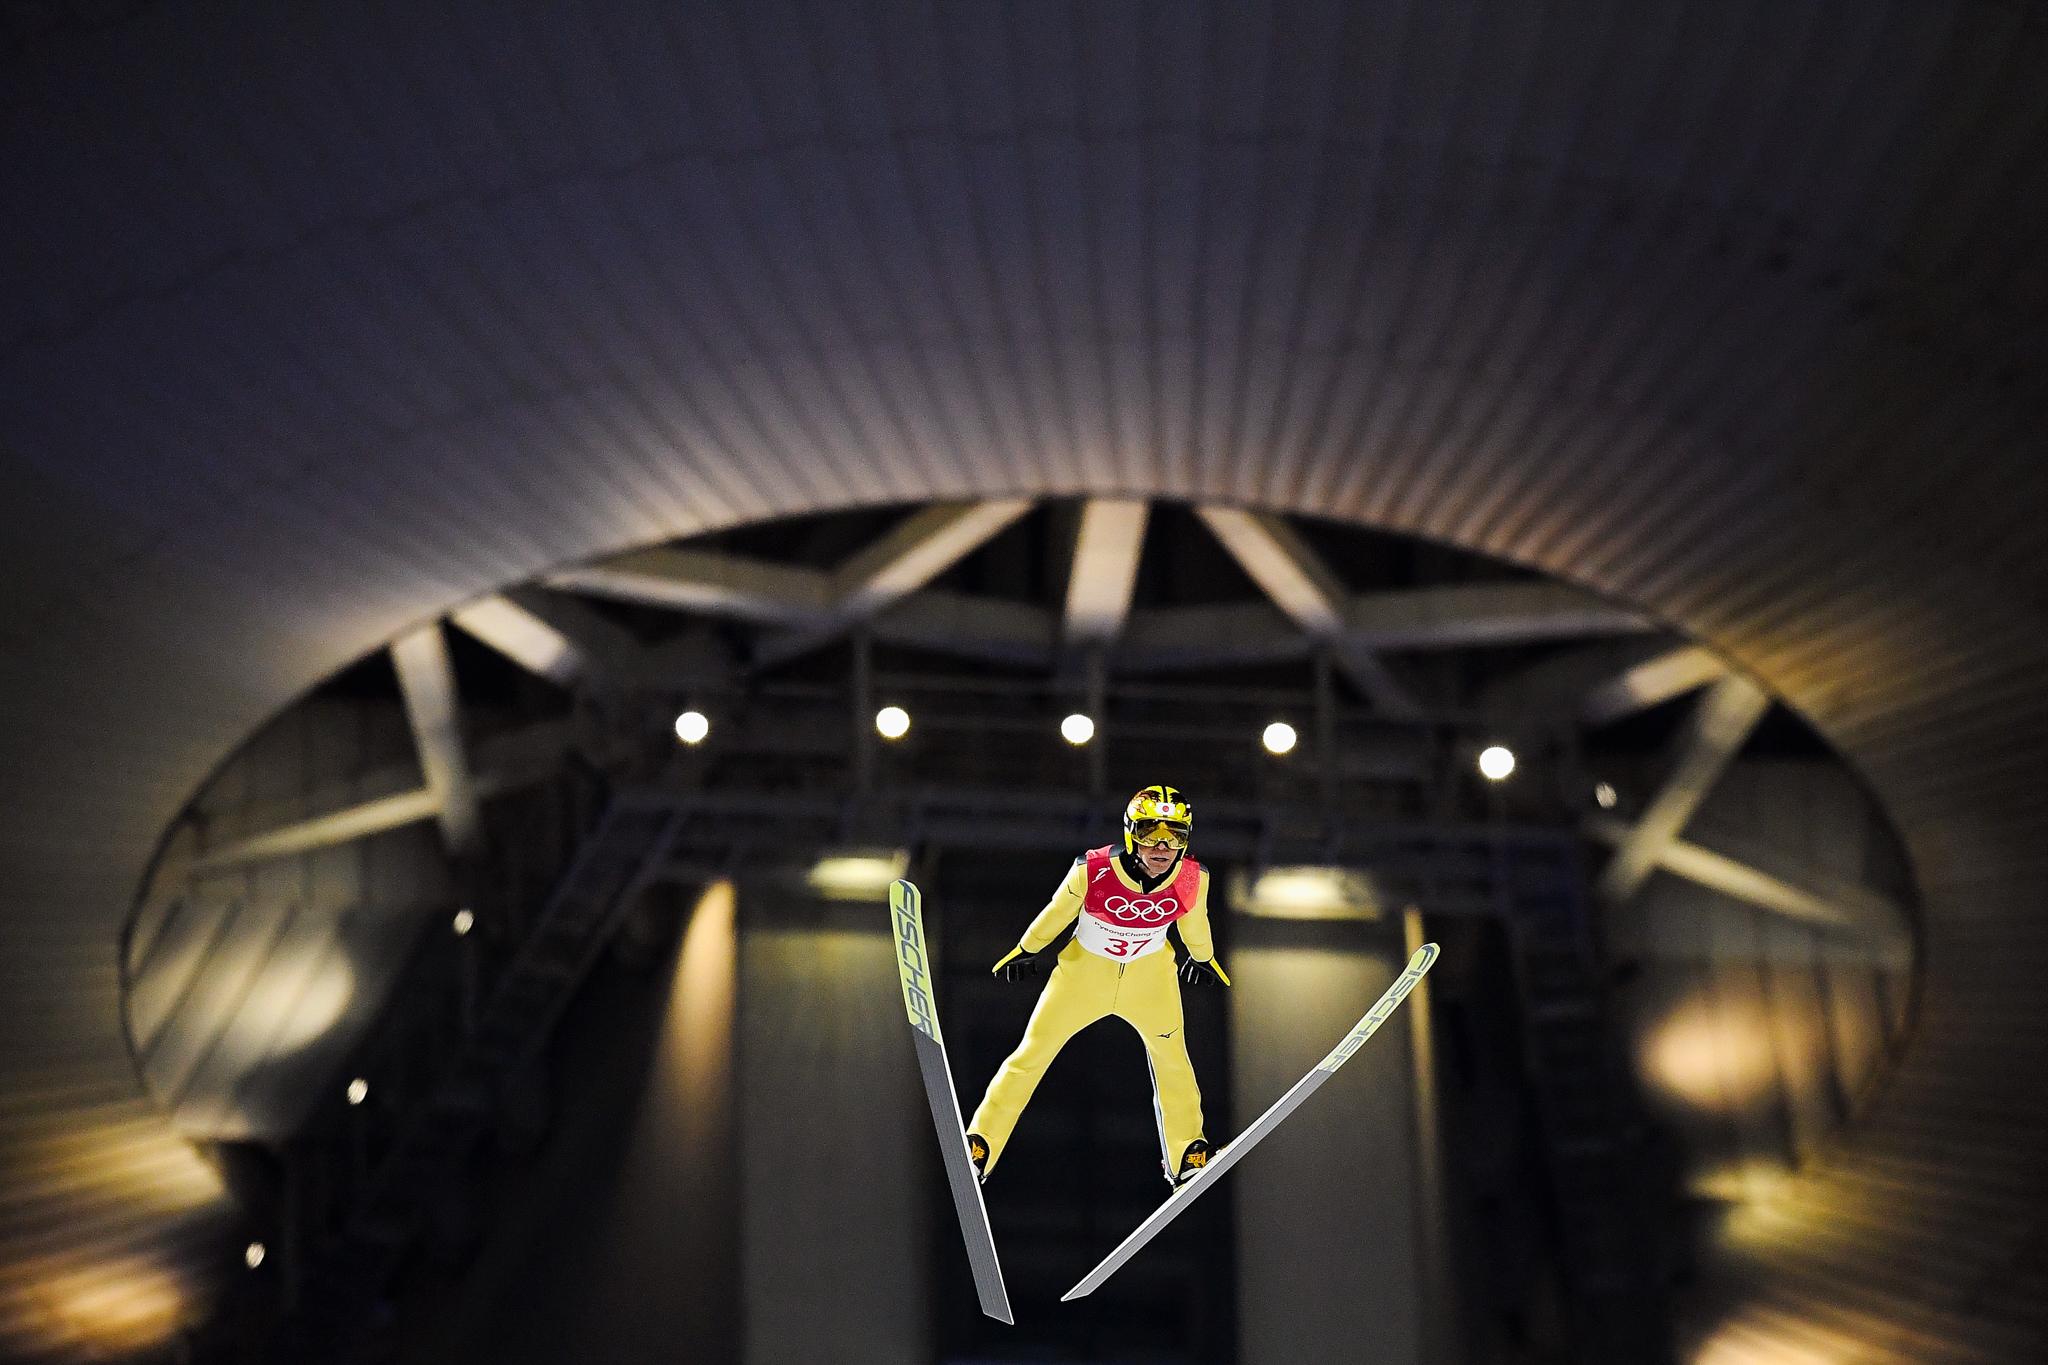 Atleta de salto de esqui em pleno ar. Ao fundo, uma arquitetura dramática. (© Quinn Rooney/Getty Images)